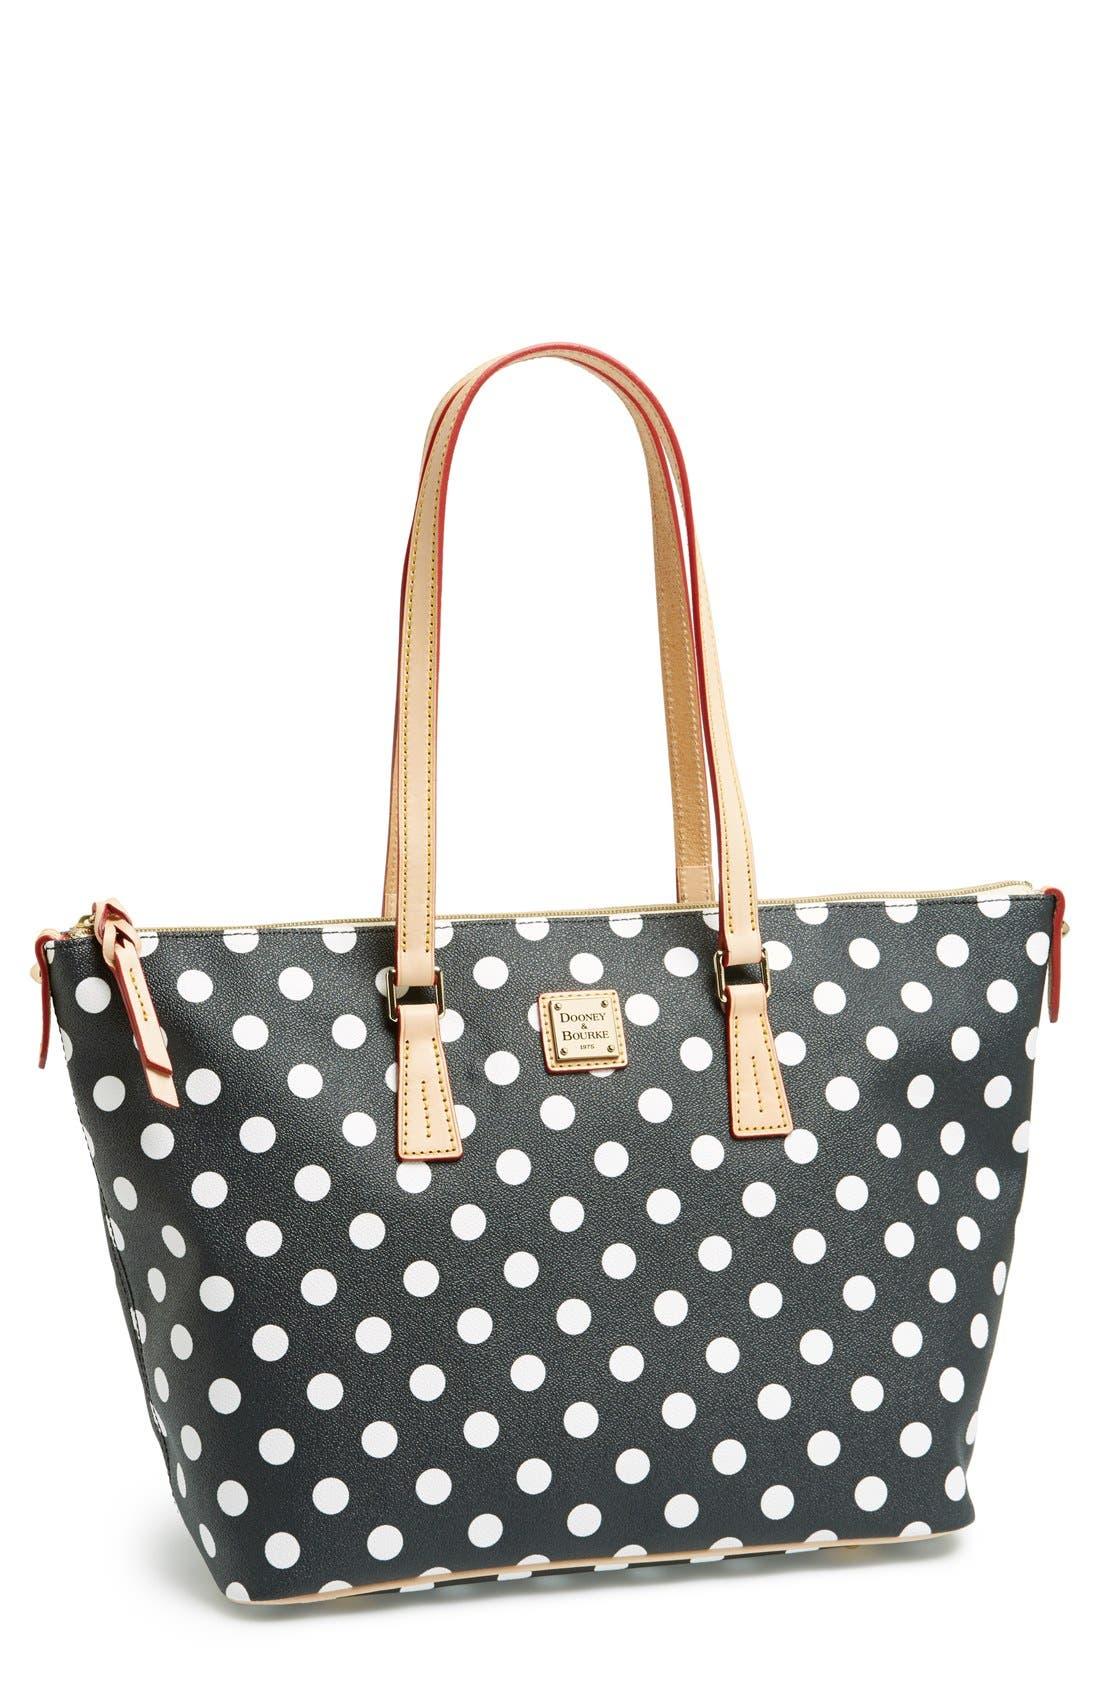 Main Image - Dooney & Bourke Polka Dot Shopper